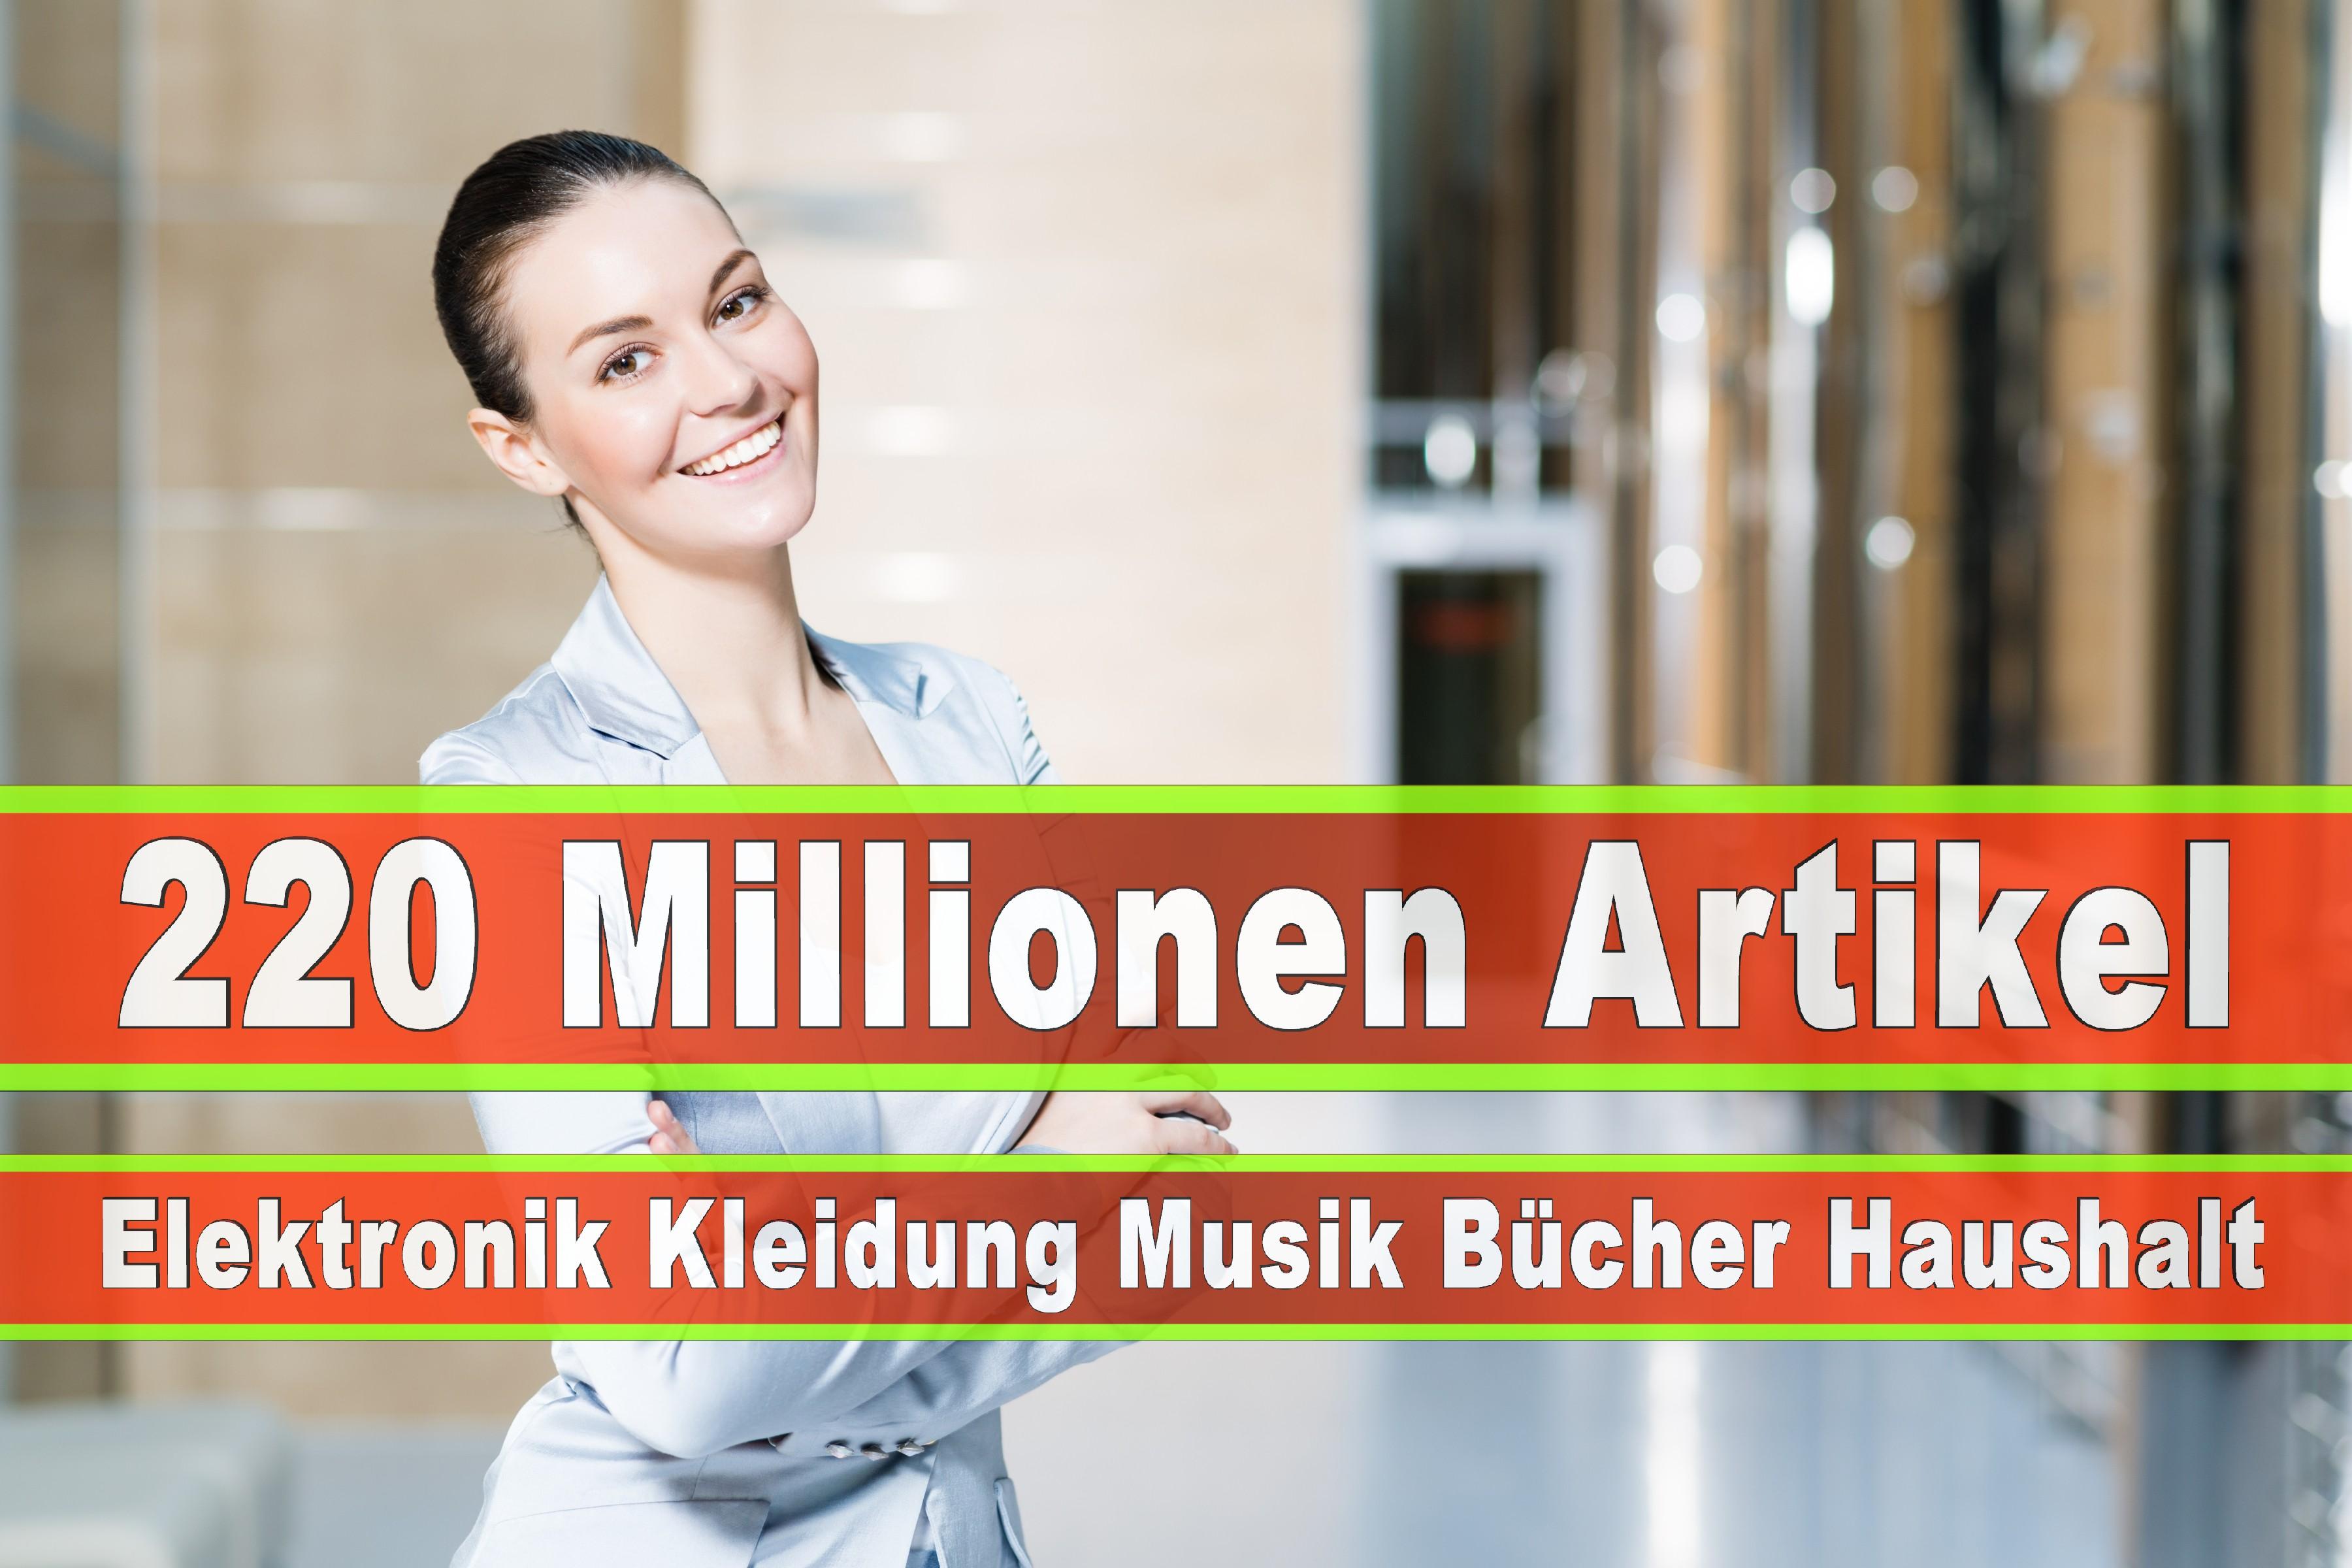 Amazon Elektronik Musik Haushalt Bücher CD DVD Handys Smartphones TV Television Fernseher Kleidung Mode Ebay Versandhaus (142)